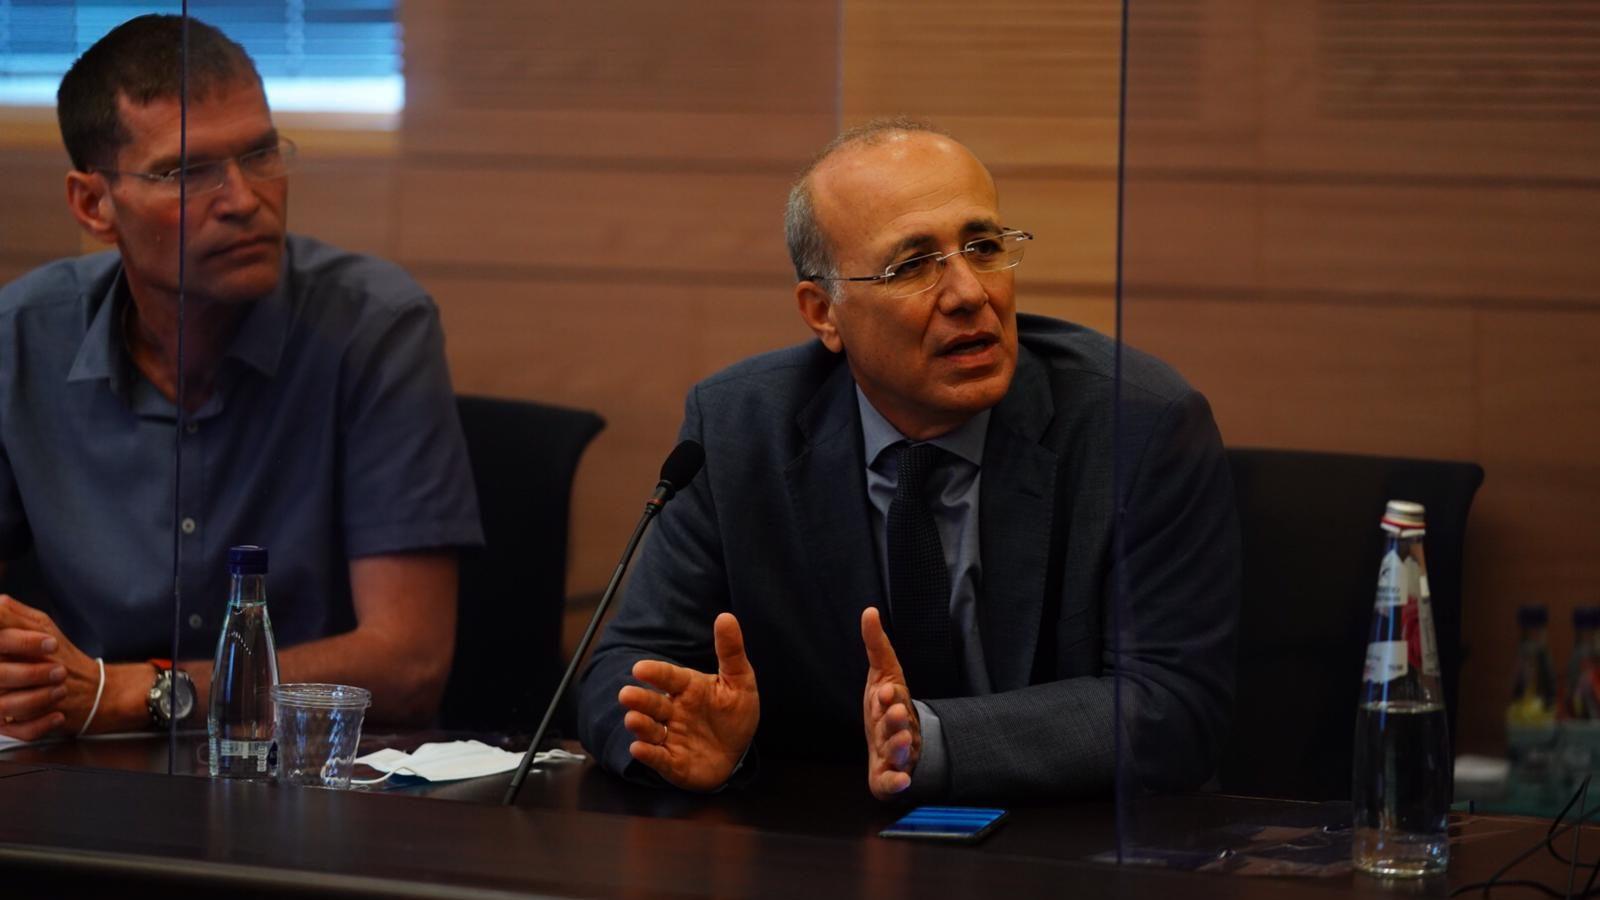 ועדת הכספים האריכה את הוראת השעה שמגבילה את המוסדיים בגביית הוצאות ישירות